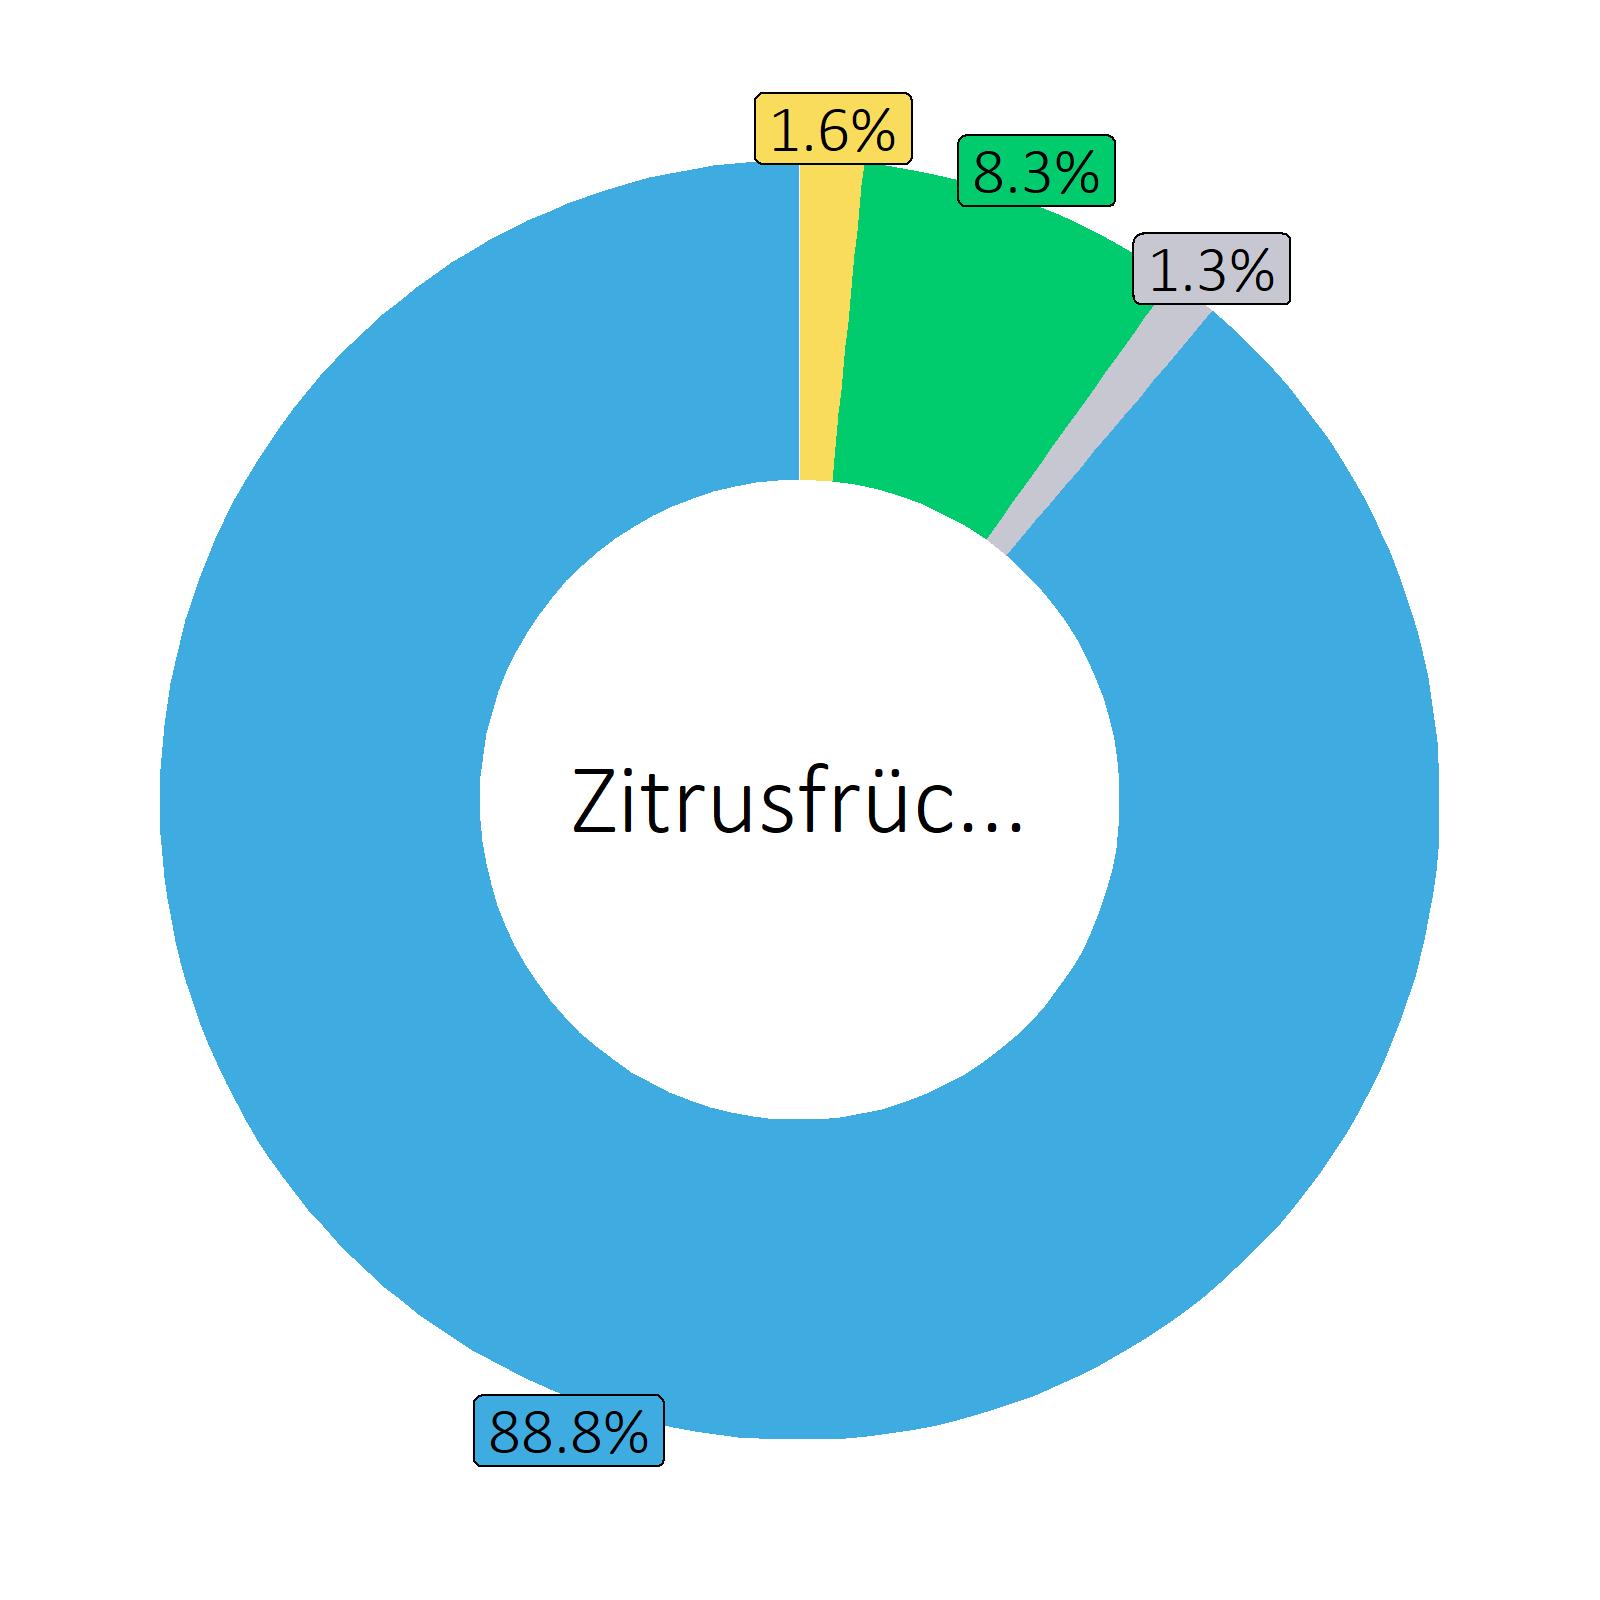 Bestandteile Zitrusfrüchte (Durchschnitt)